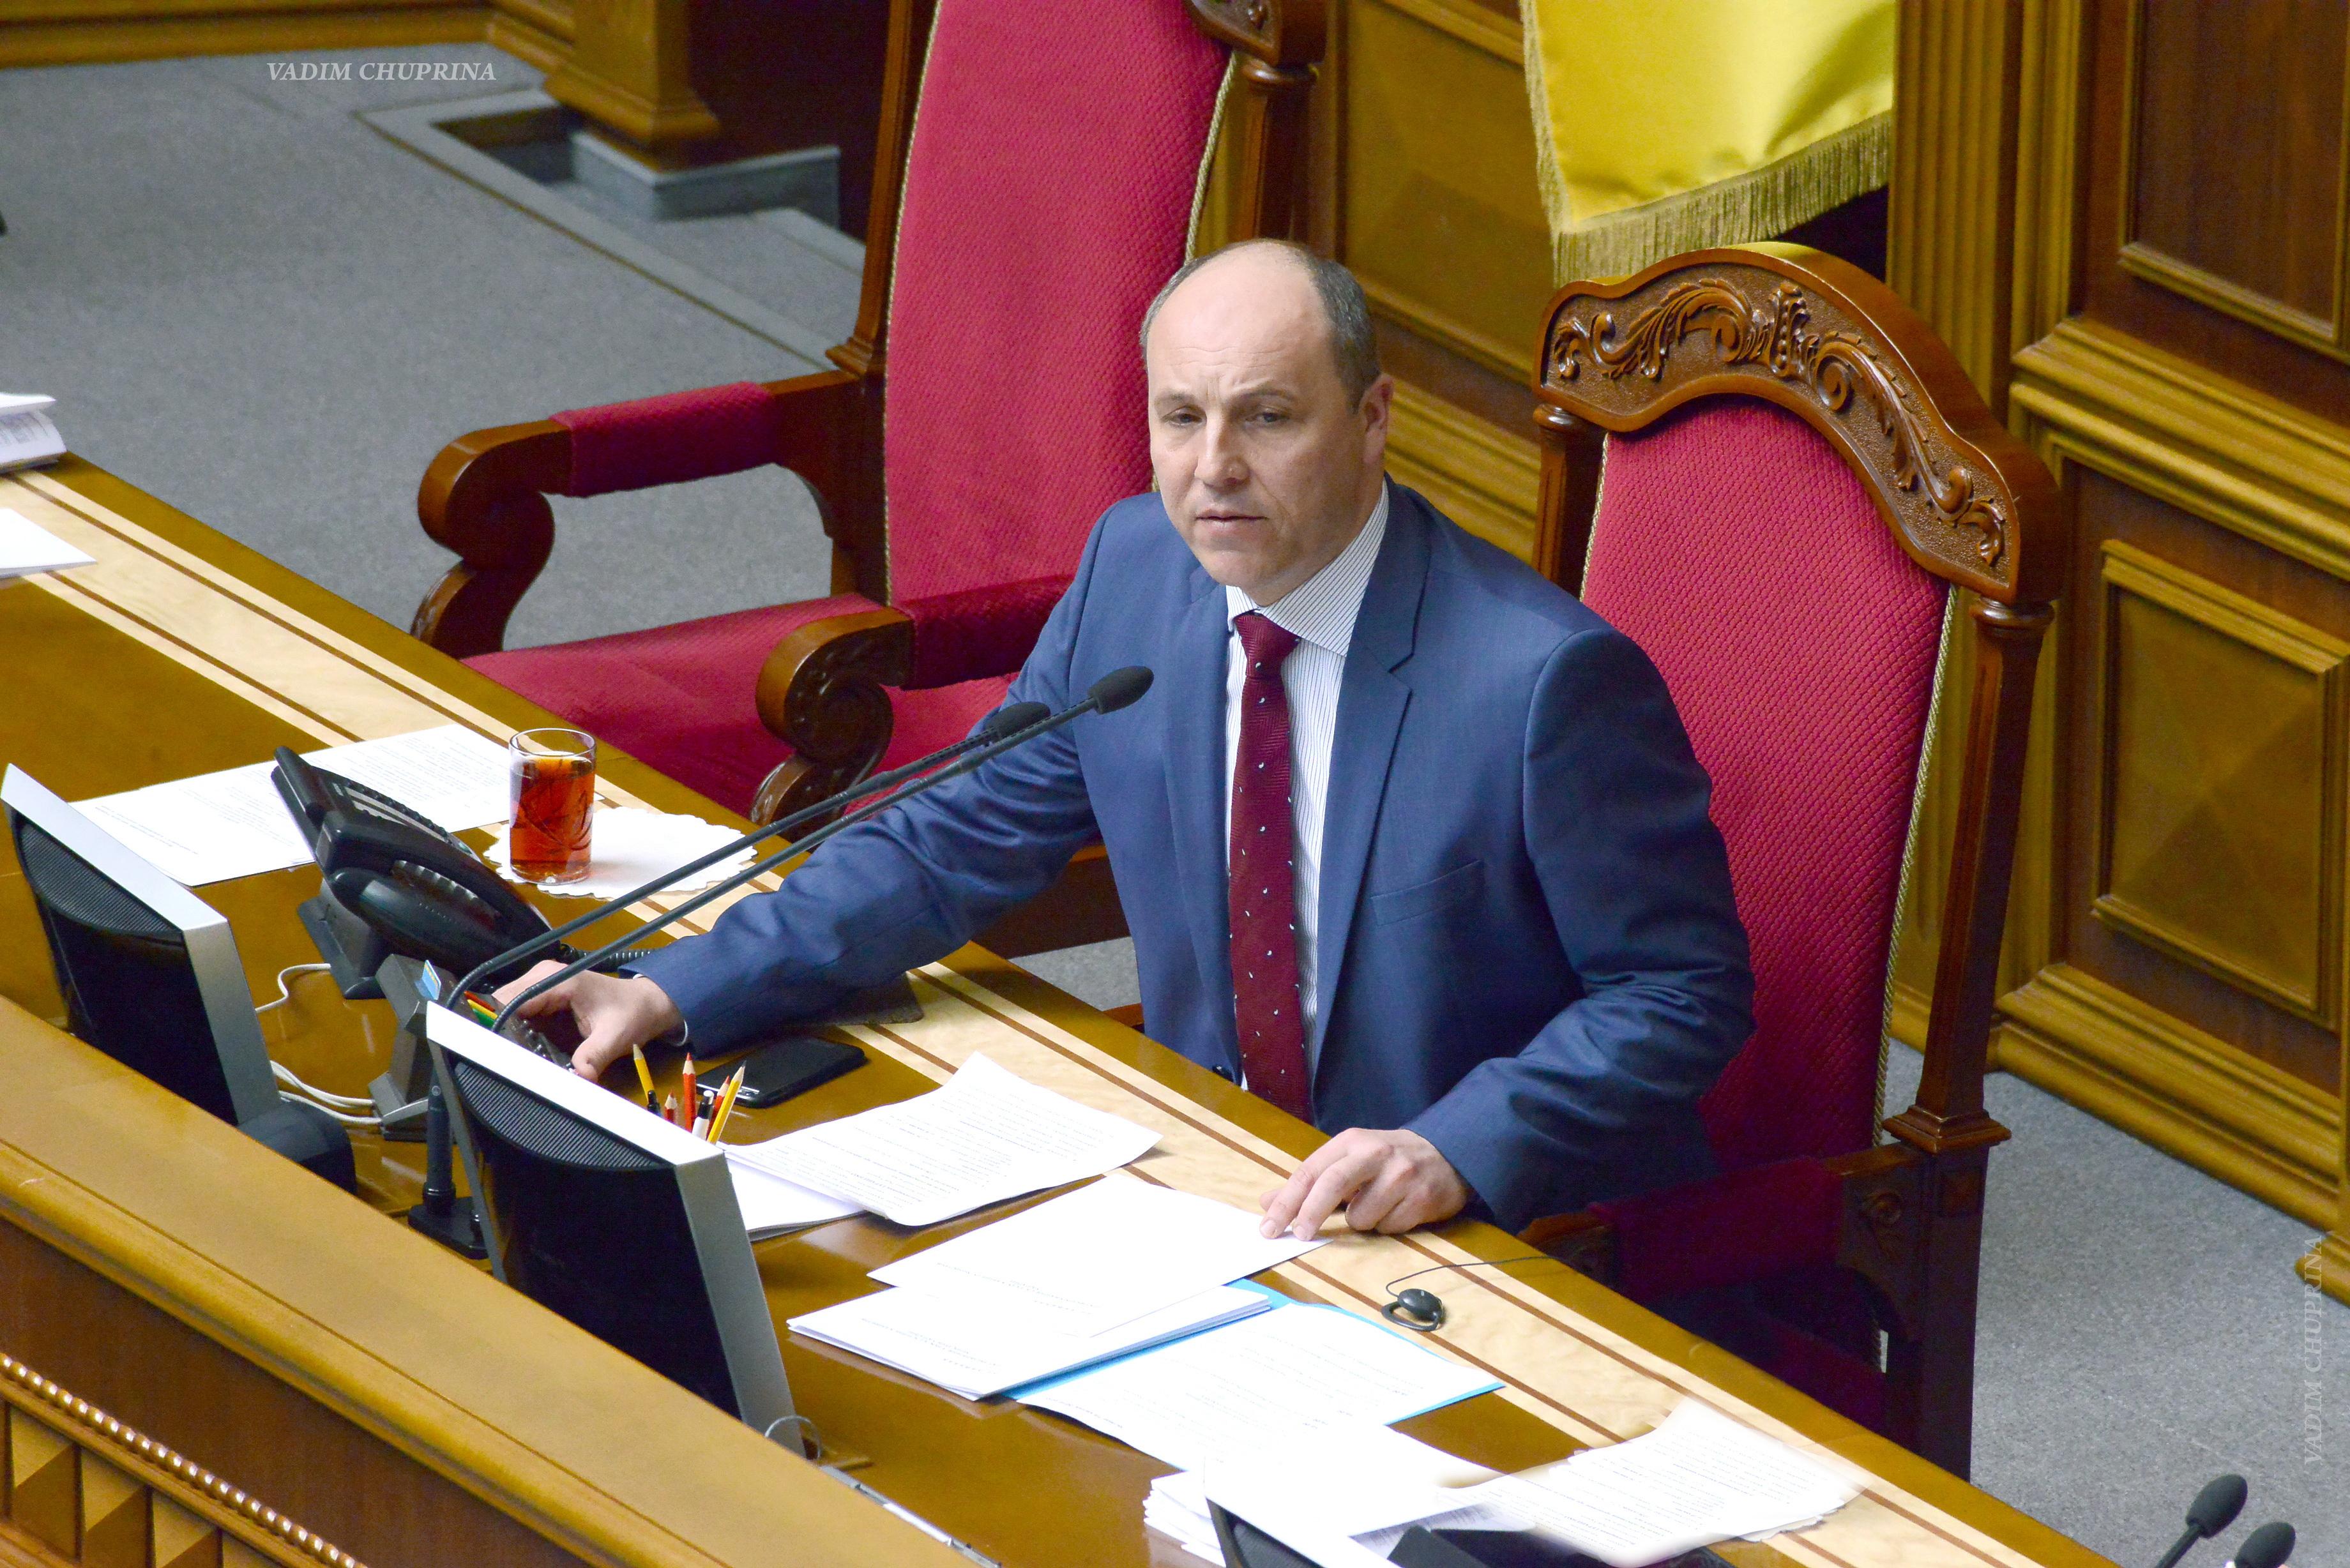 Парубий сообщил суду, что РФ начала подготовку к агрессии против Украины еще в 2012 году